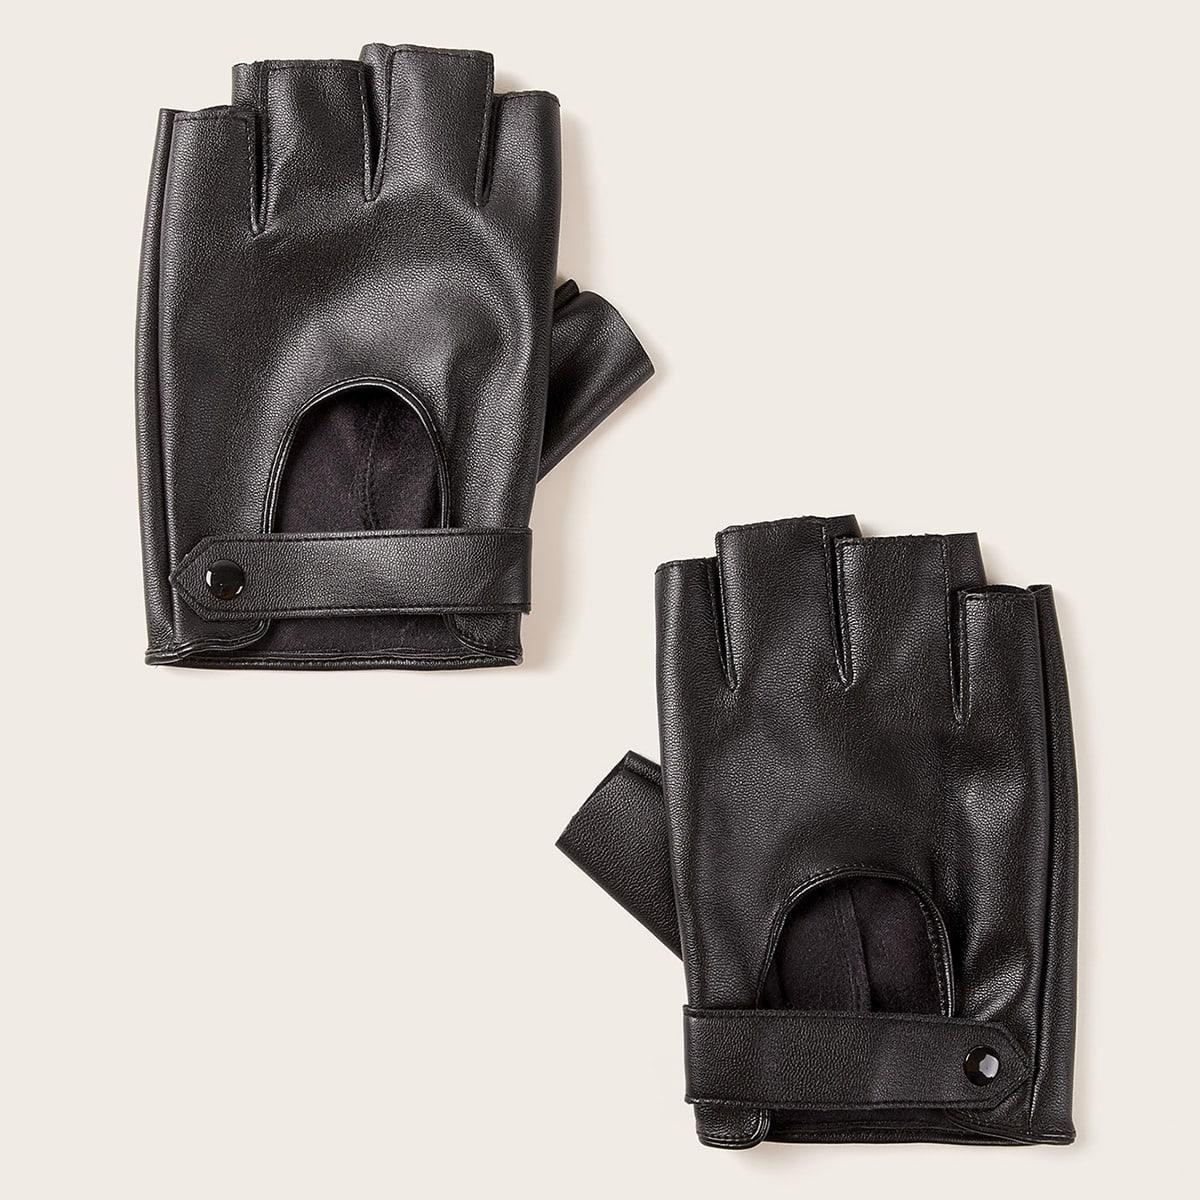 Мужские перчатки 1 пара от SHEIN